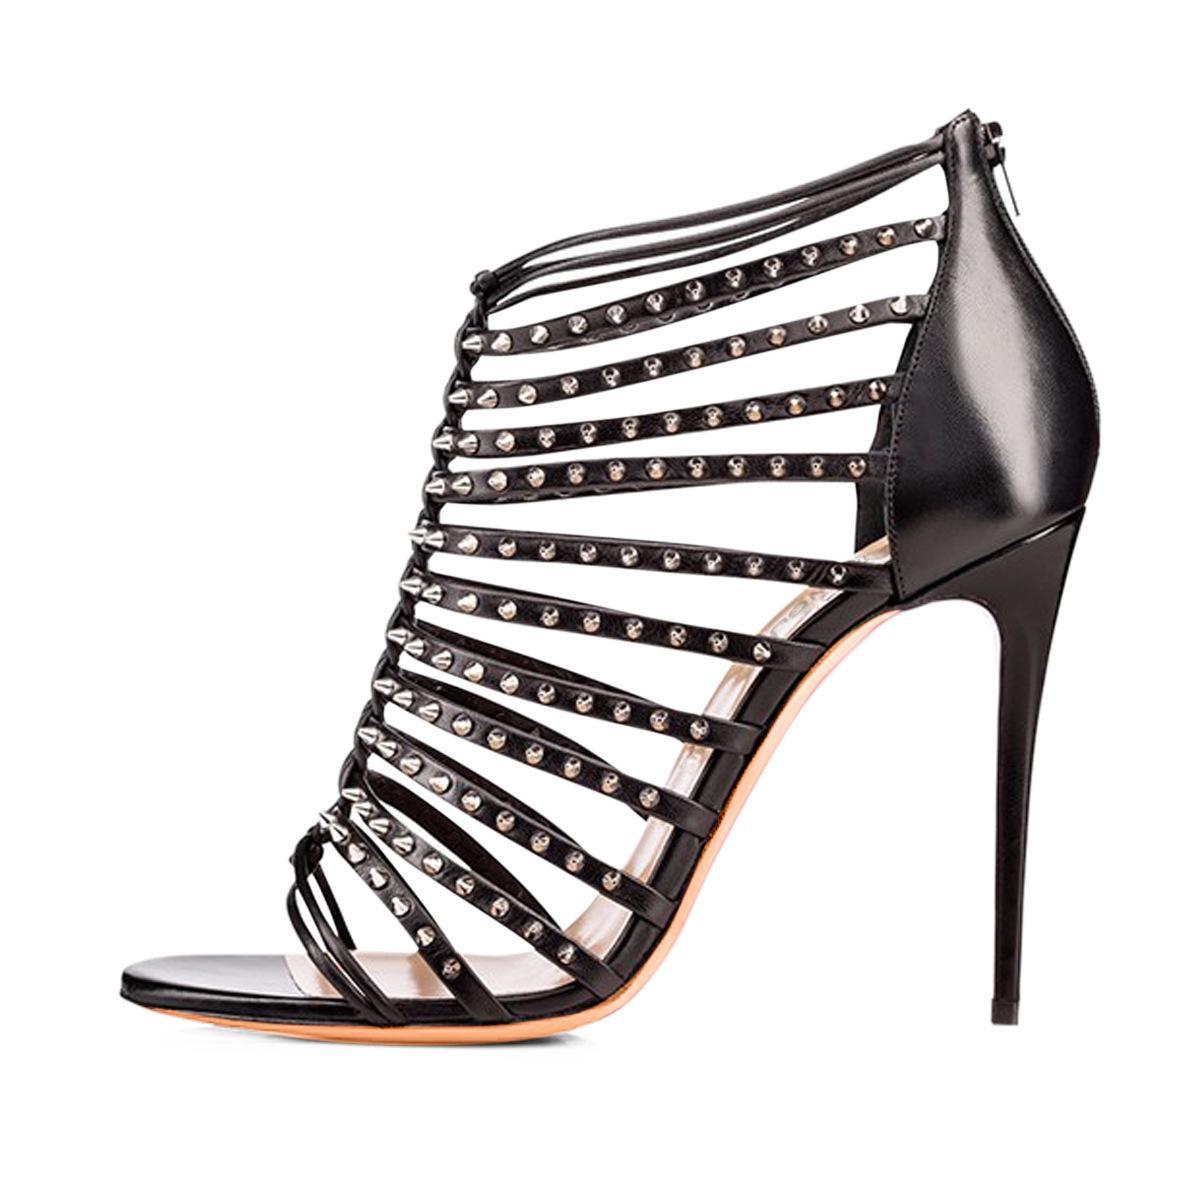 Wed2019 Siyah Bayan Beyaz Yüksek Organizasyon Sandalet Chengdu bayan Ayakkabıları ile Perçin Paketi